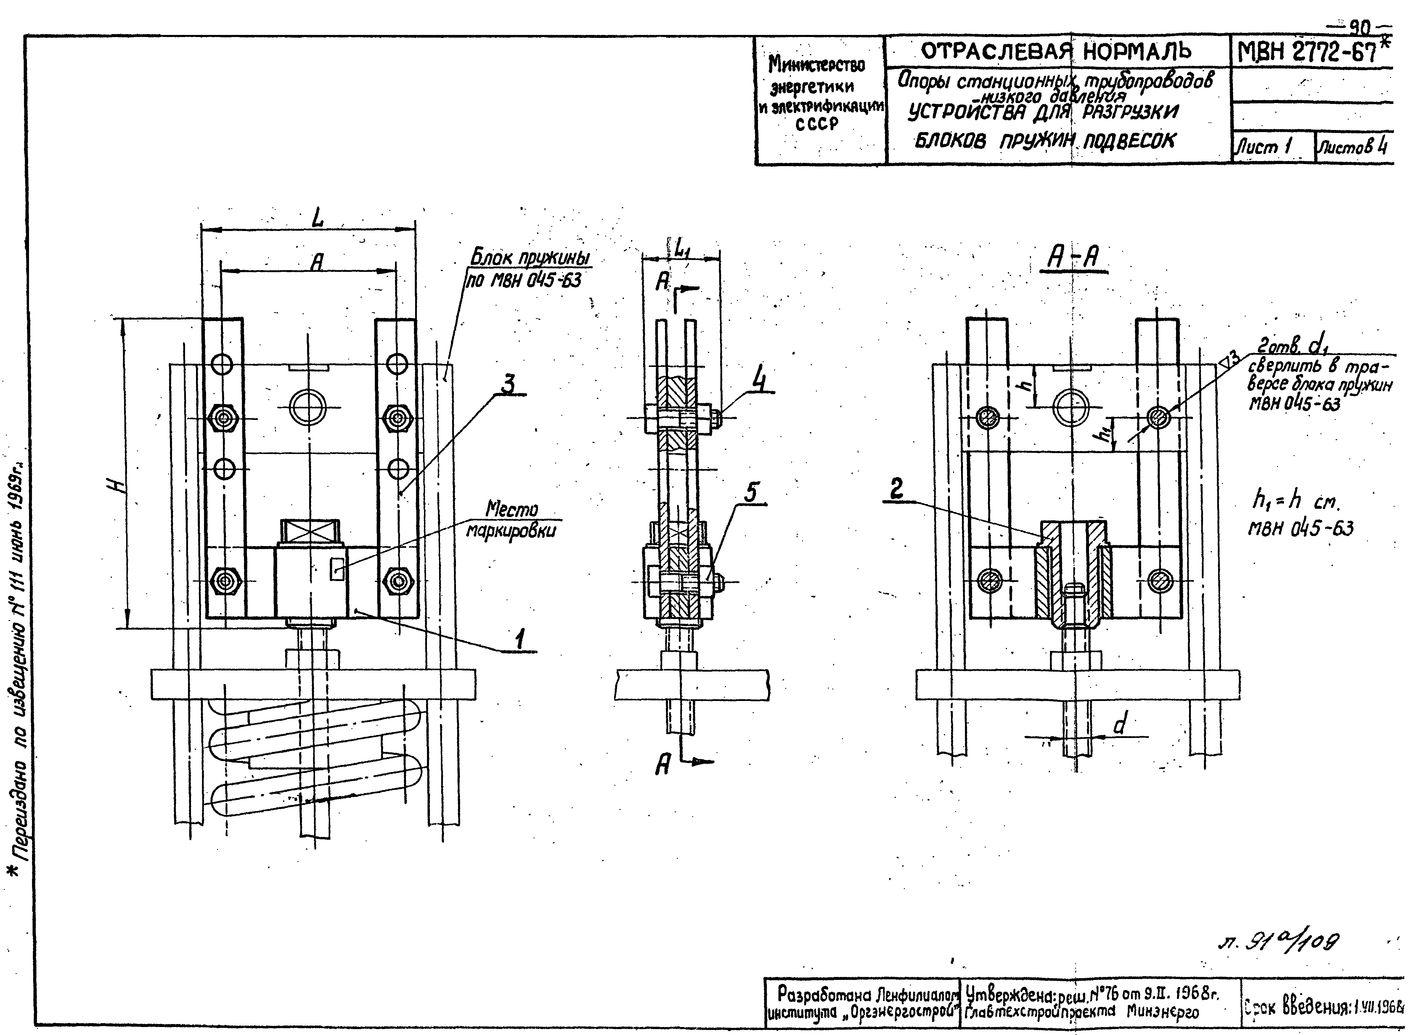 Устройства для разгрузки блоков пружин подвесок МВН 2772-67